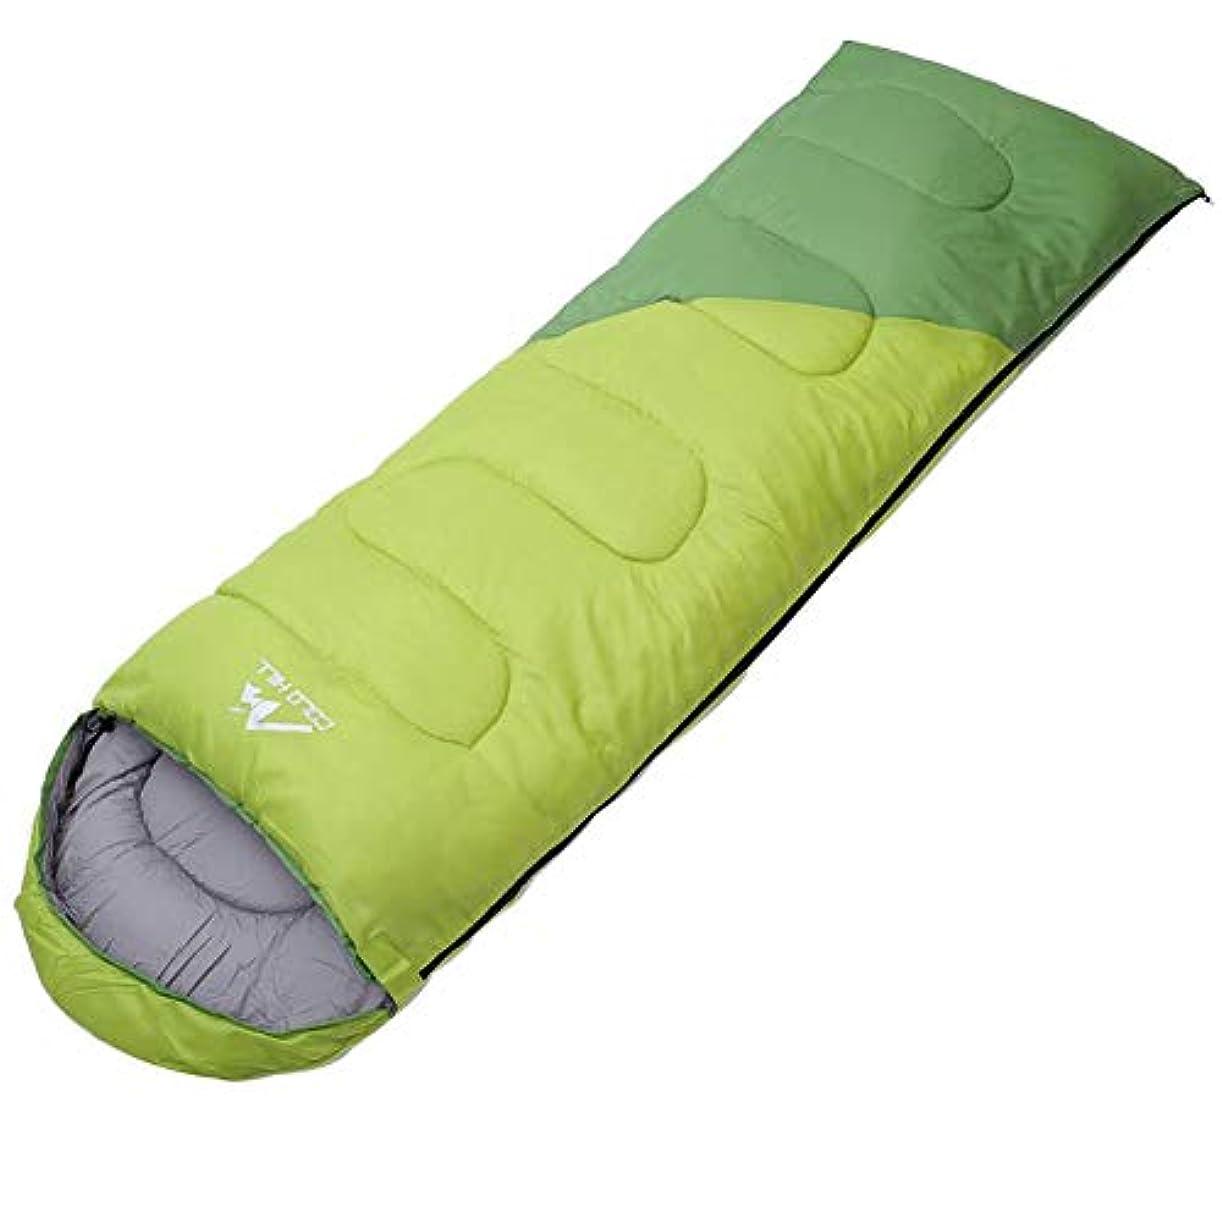 わずかな輸送山キャンプ用寝袋、大人の封筒タイプ四季ユニバーサル寝袋旅行アンチダーティナップキャンプハイキングポータブル寝袋